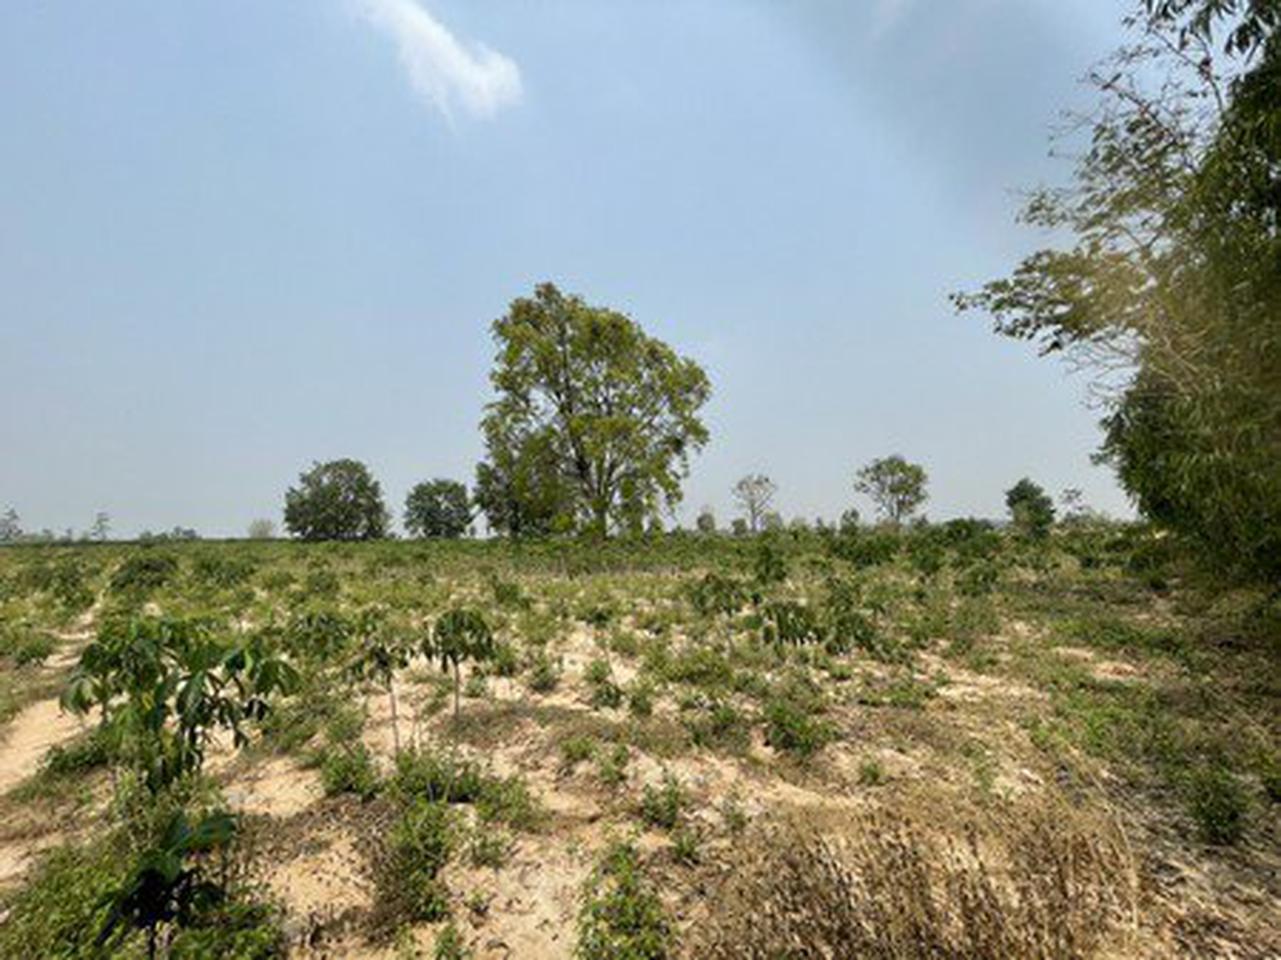 ขายที่ดินเปล่า บ้านโนนรัง จังหวัดขอนแก่น เนื้อที่ 29 ไร่ 3 งาน 30 ตารางวา รูปที่ 3